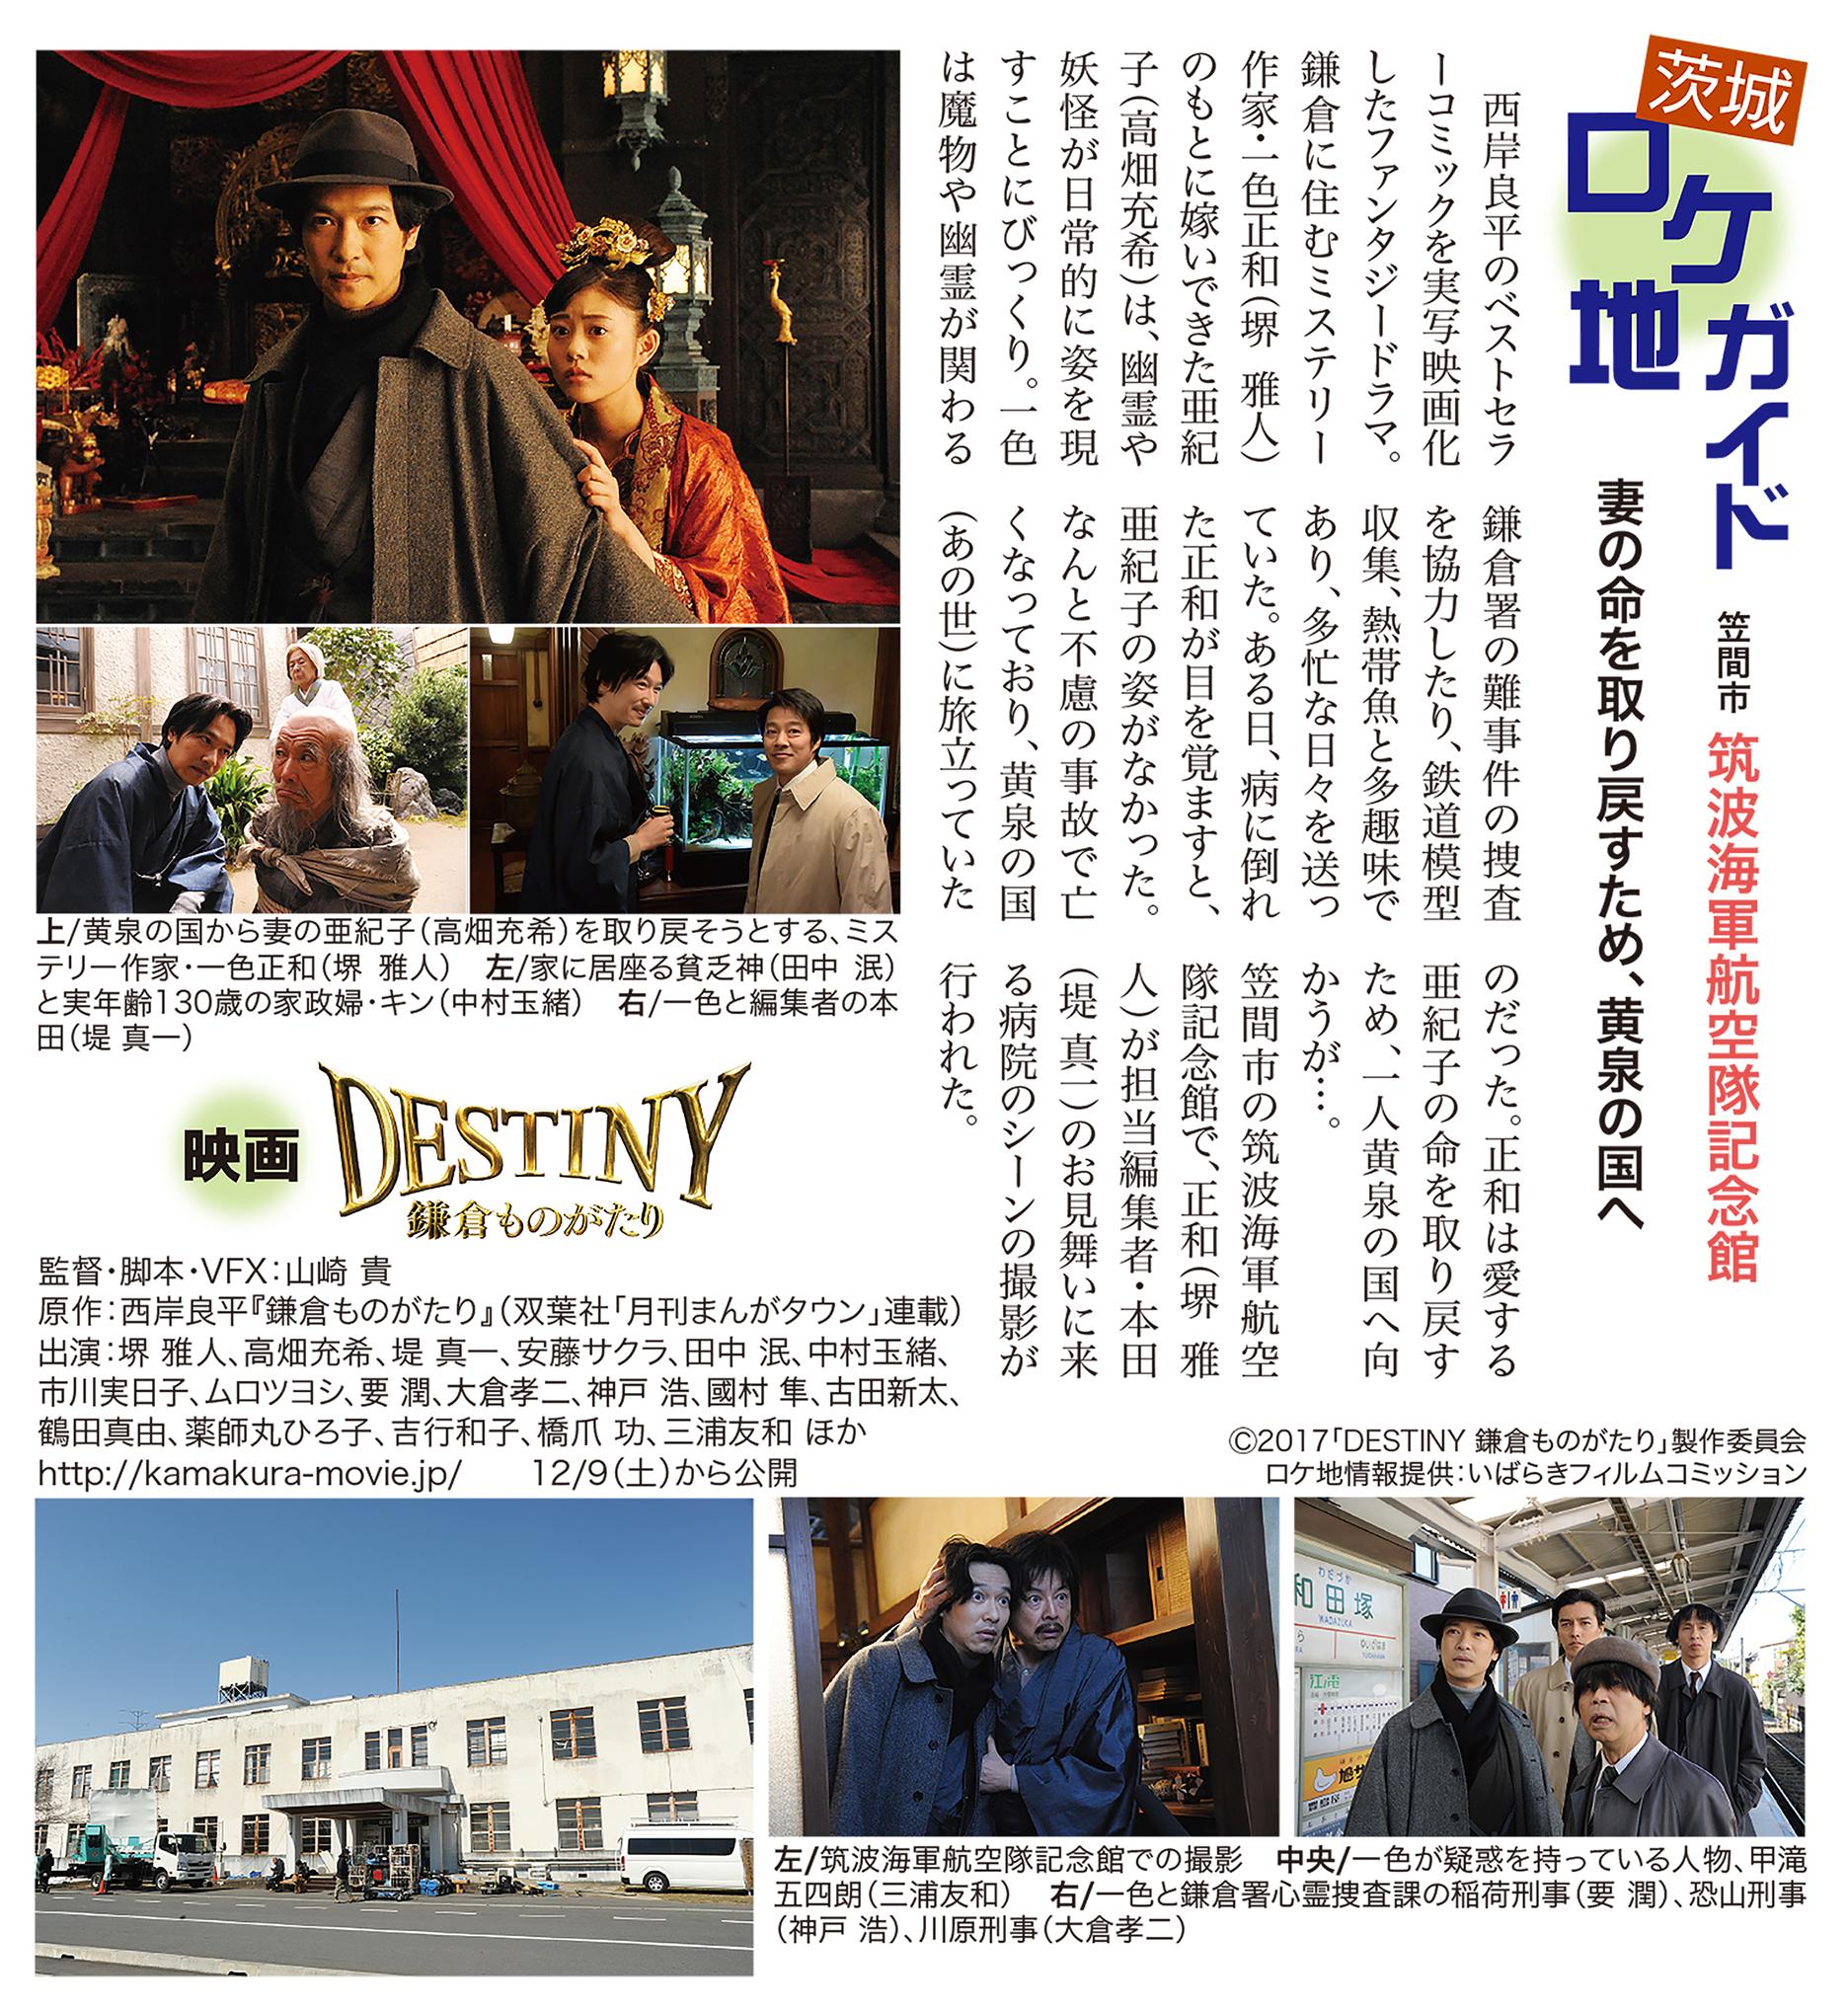 映画『DESTINY 鎌倉ものがたり』のロケ地は筑波海軍航空隊記念館(笠間市)